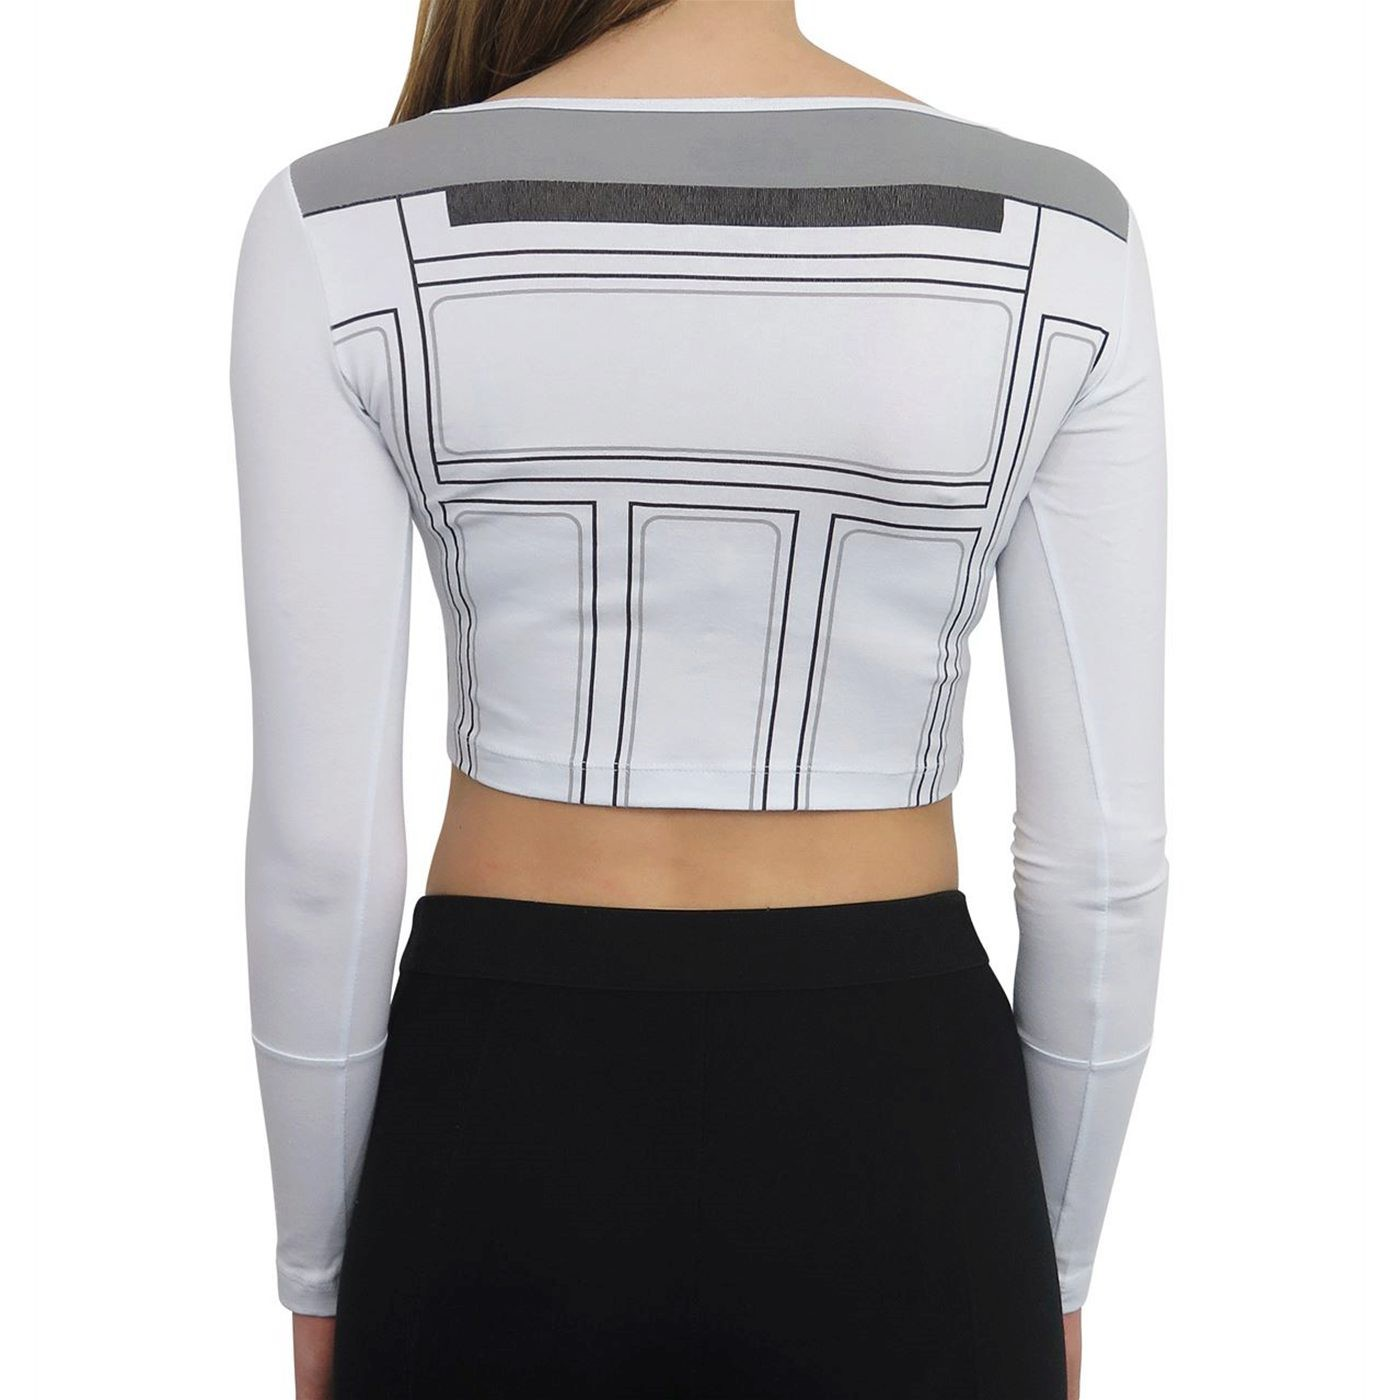 Star Wars R2D2 Long Sleeve Women's Crop Top T-Shirt